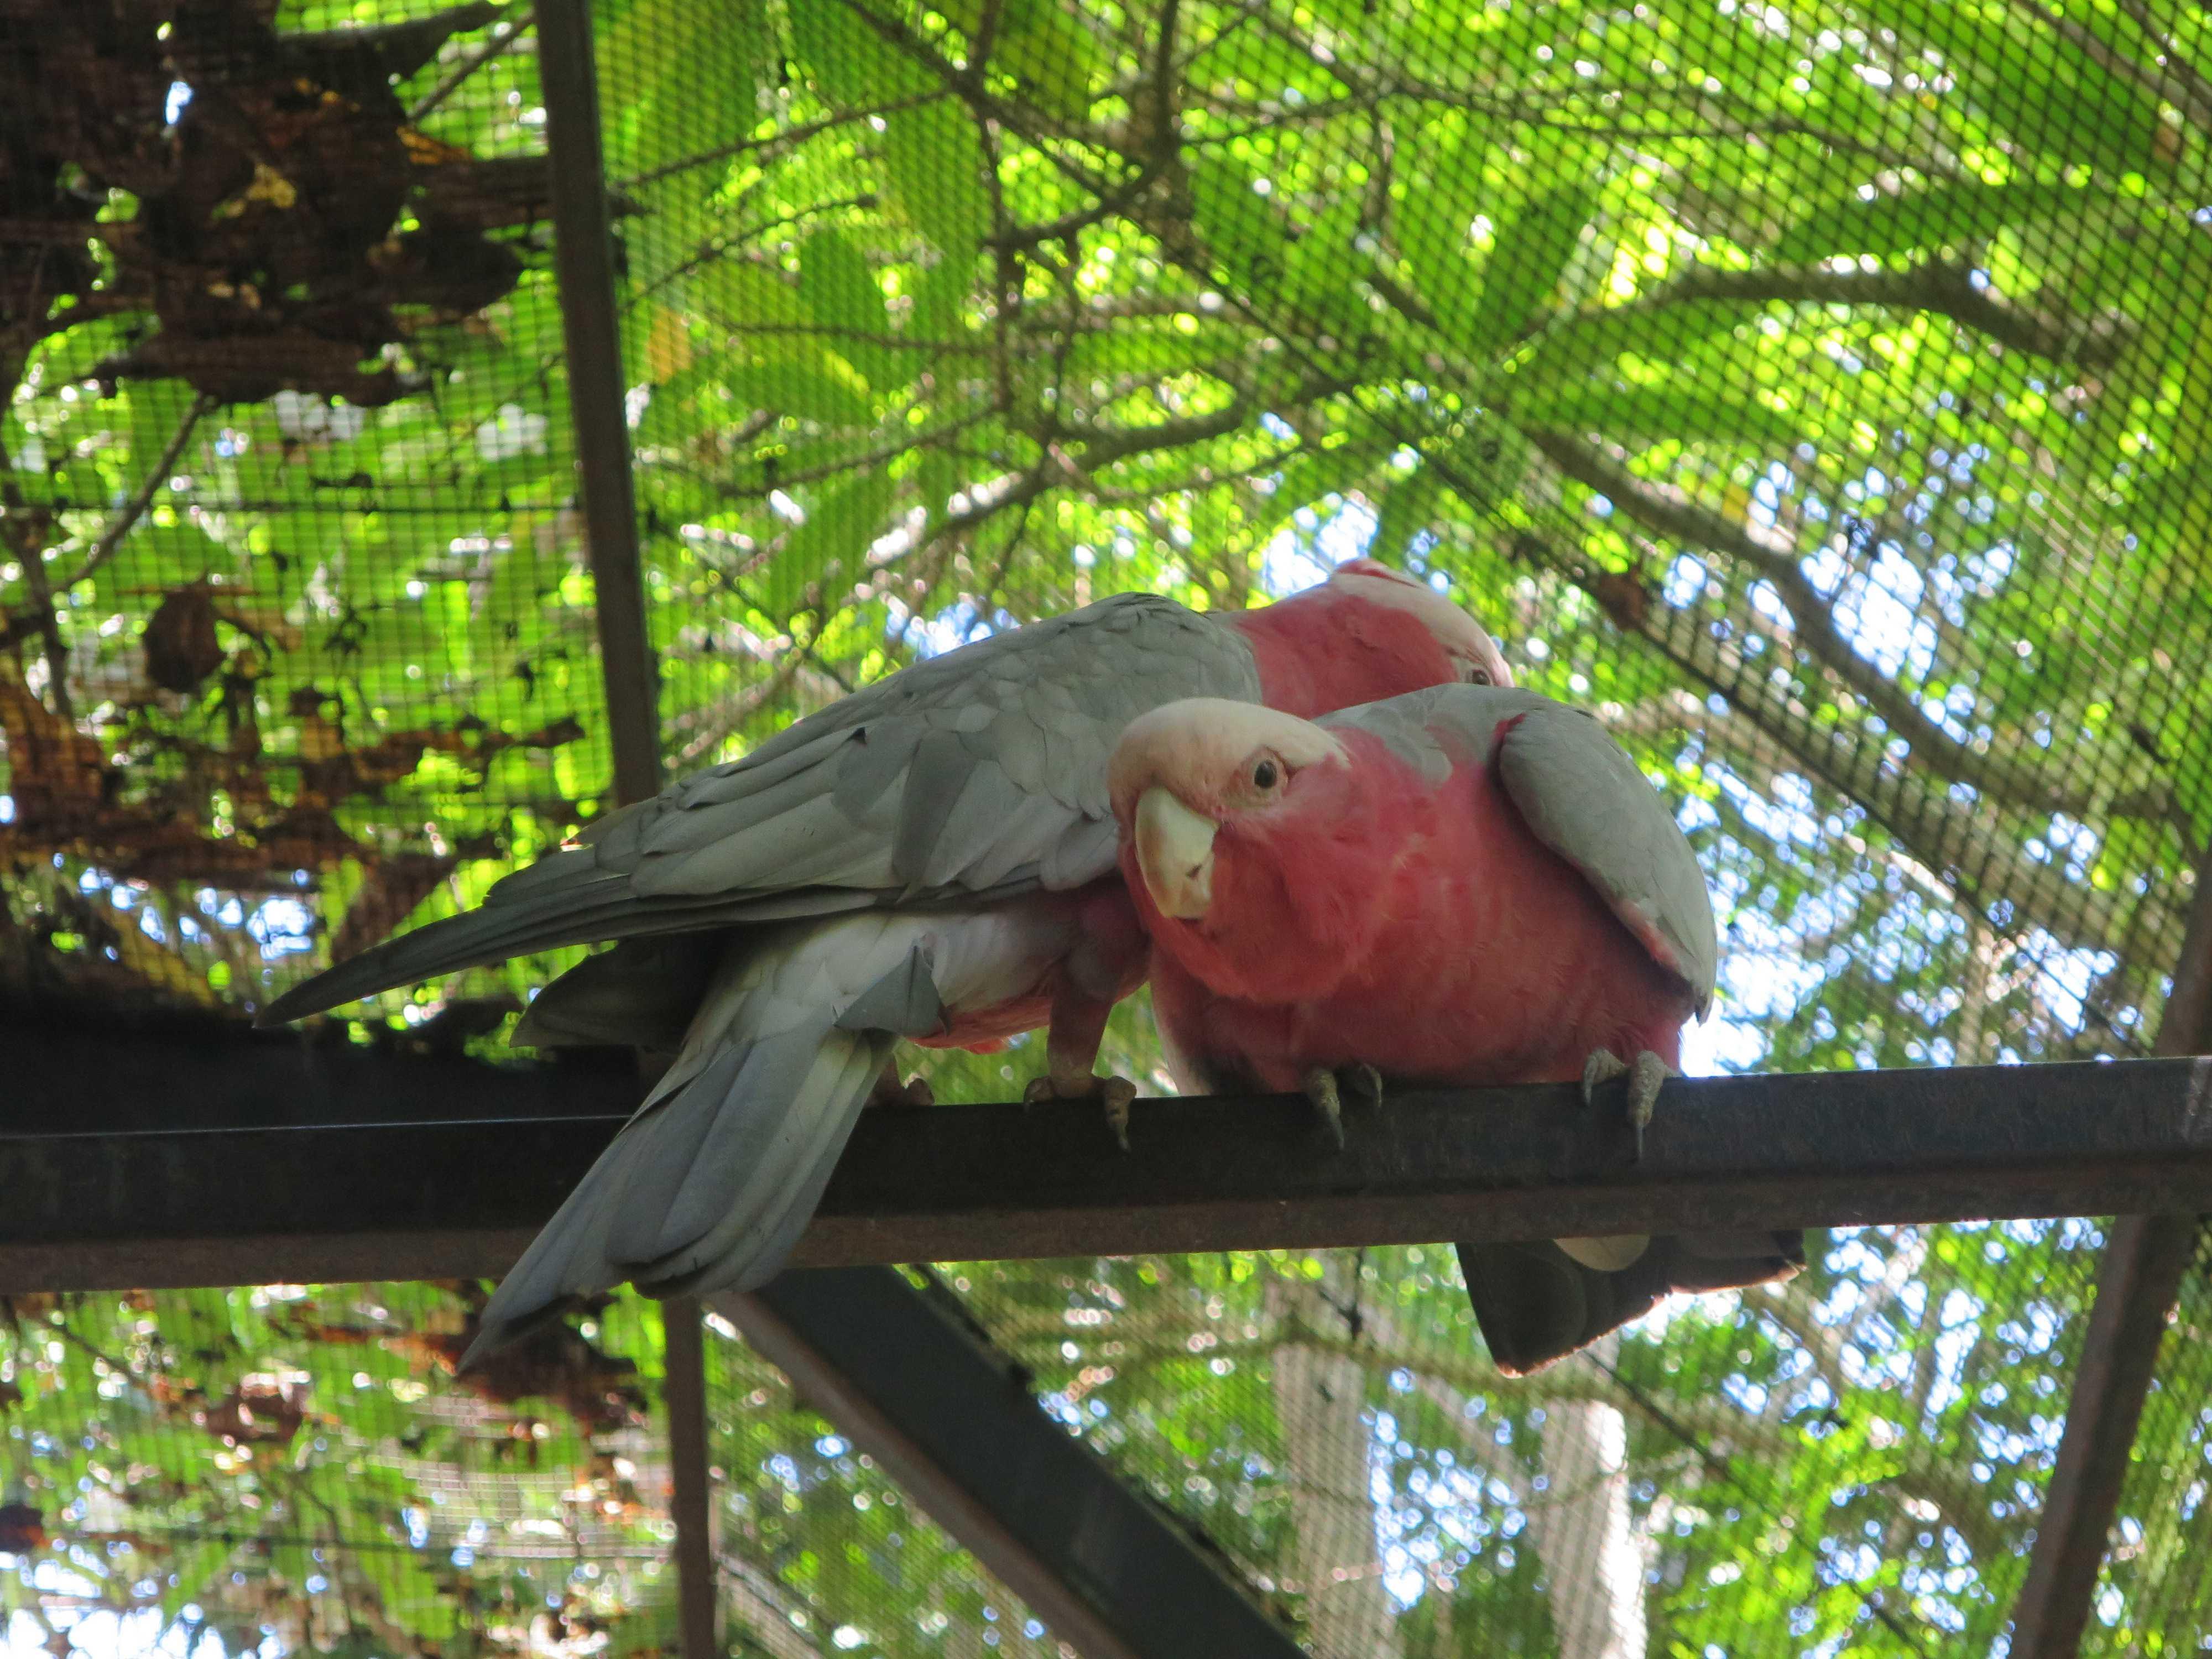 ケアンズトロピカルズー - 熱帯雨林の鳥